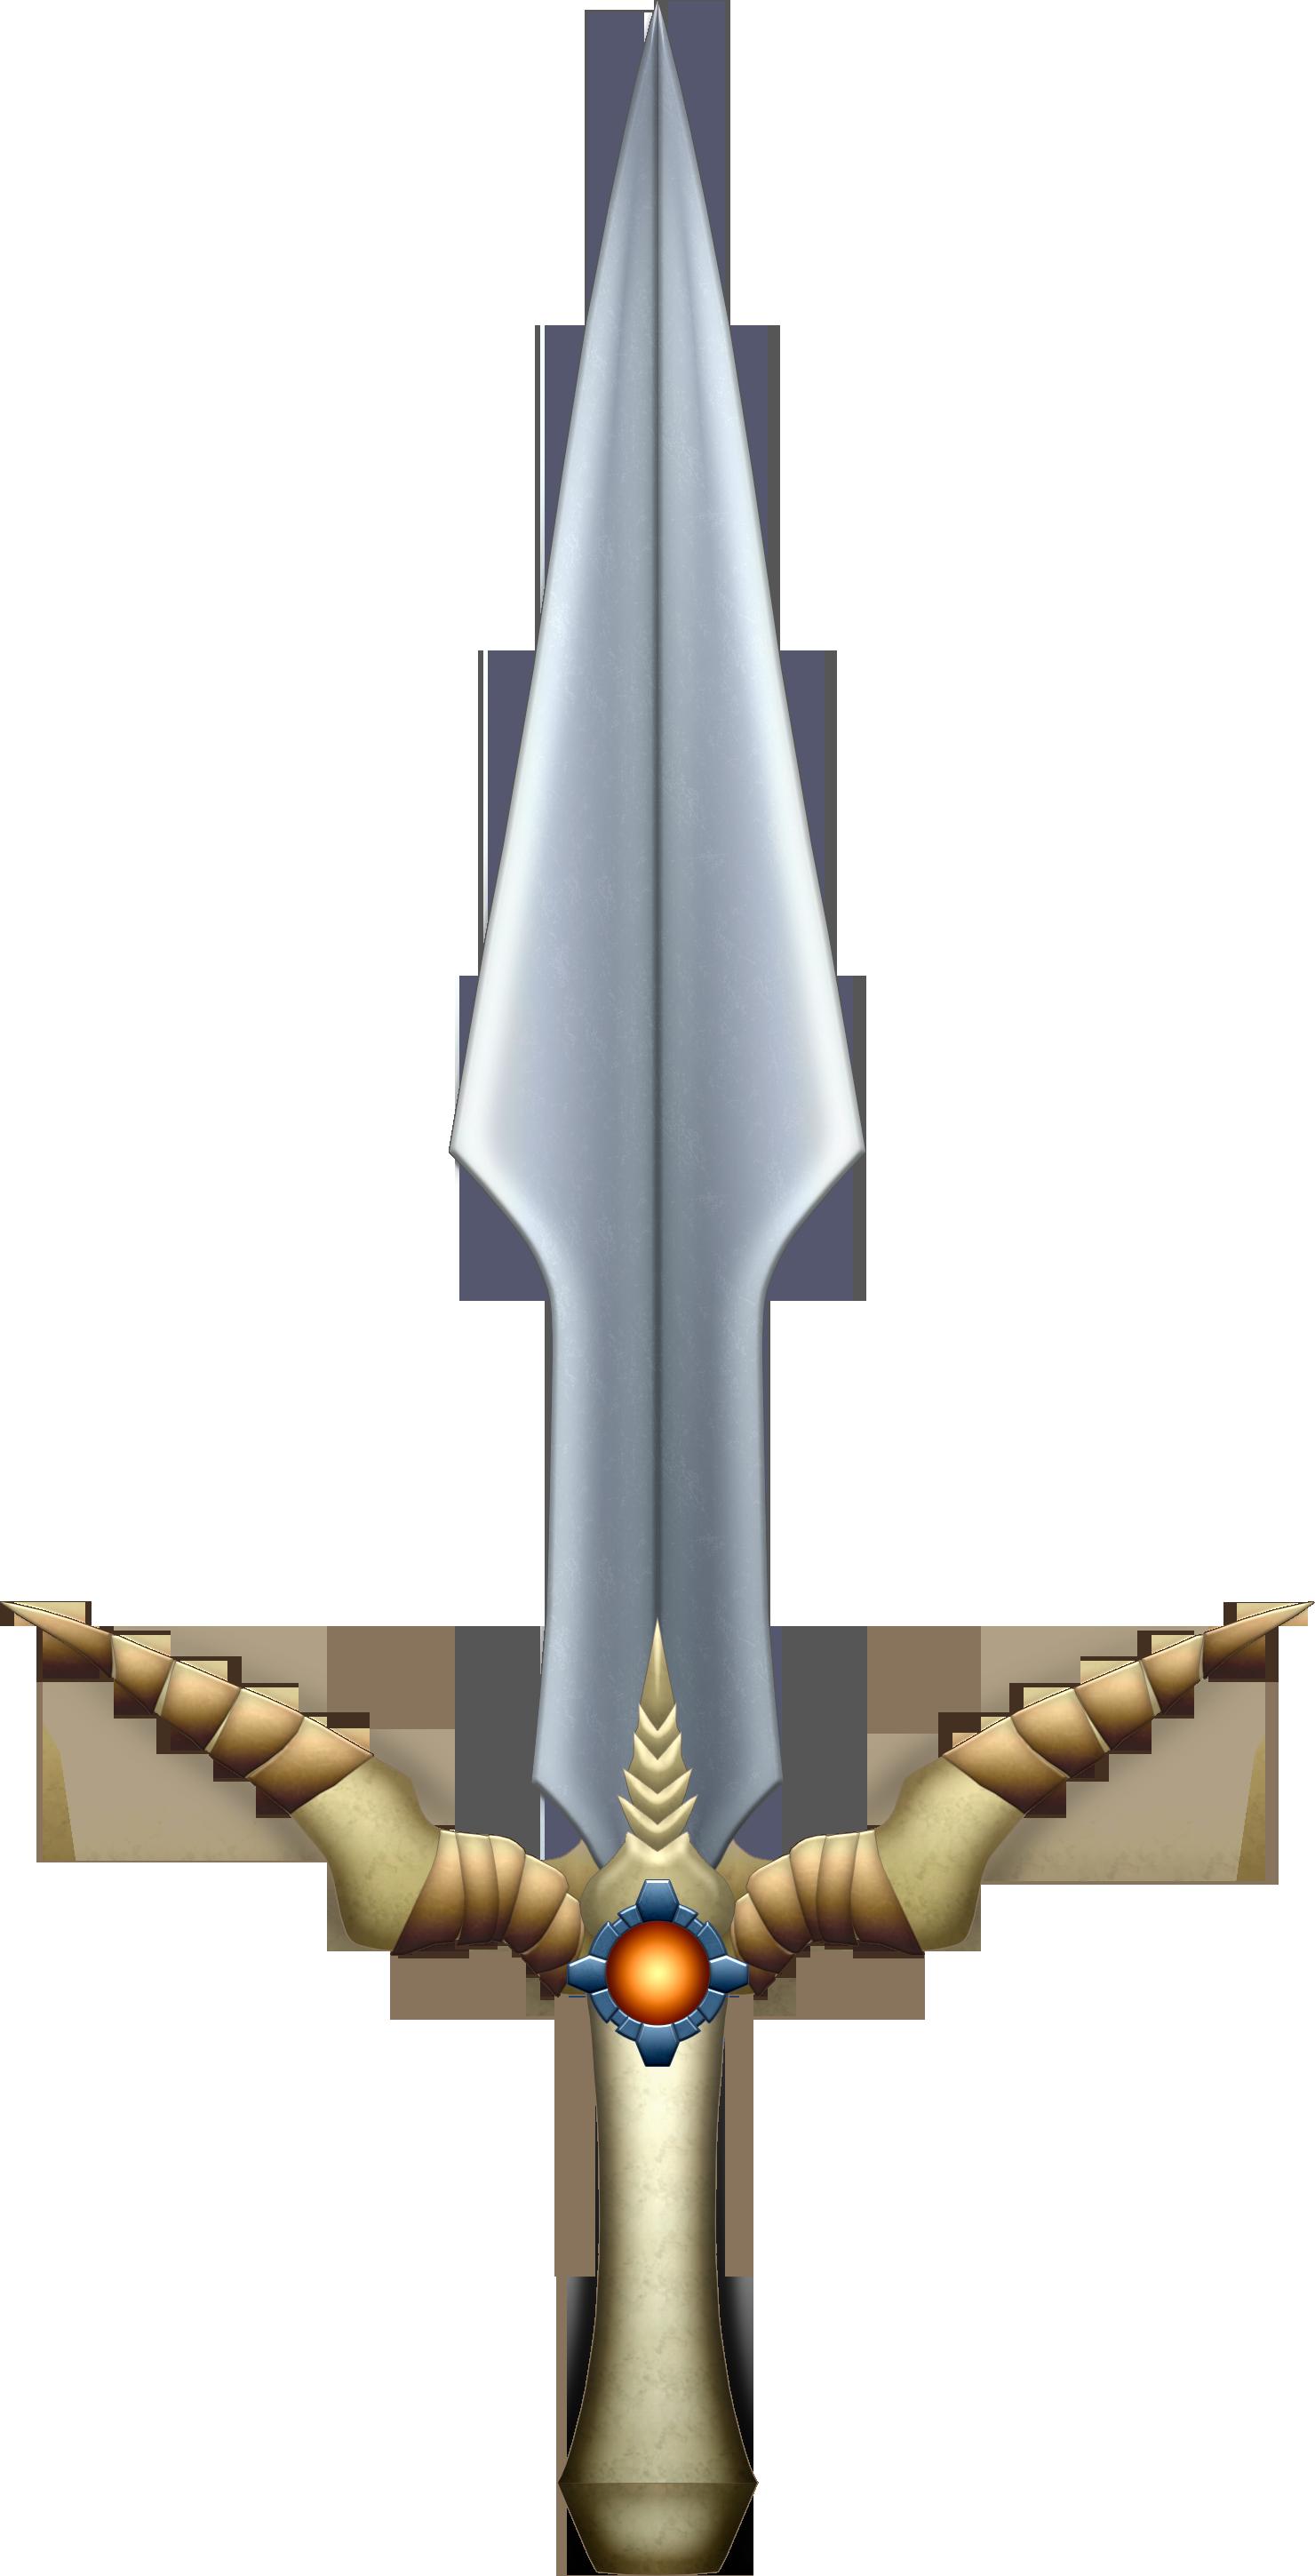 OOT Beast Ganon's Sword